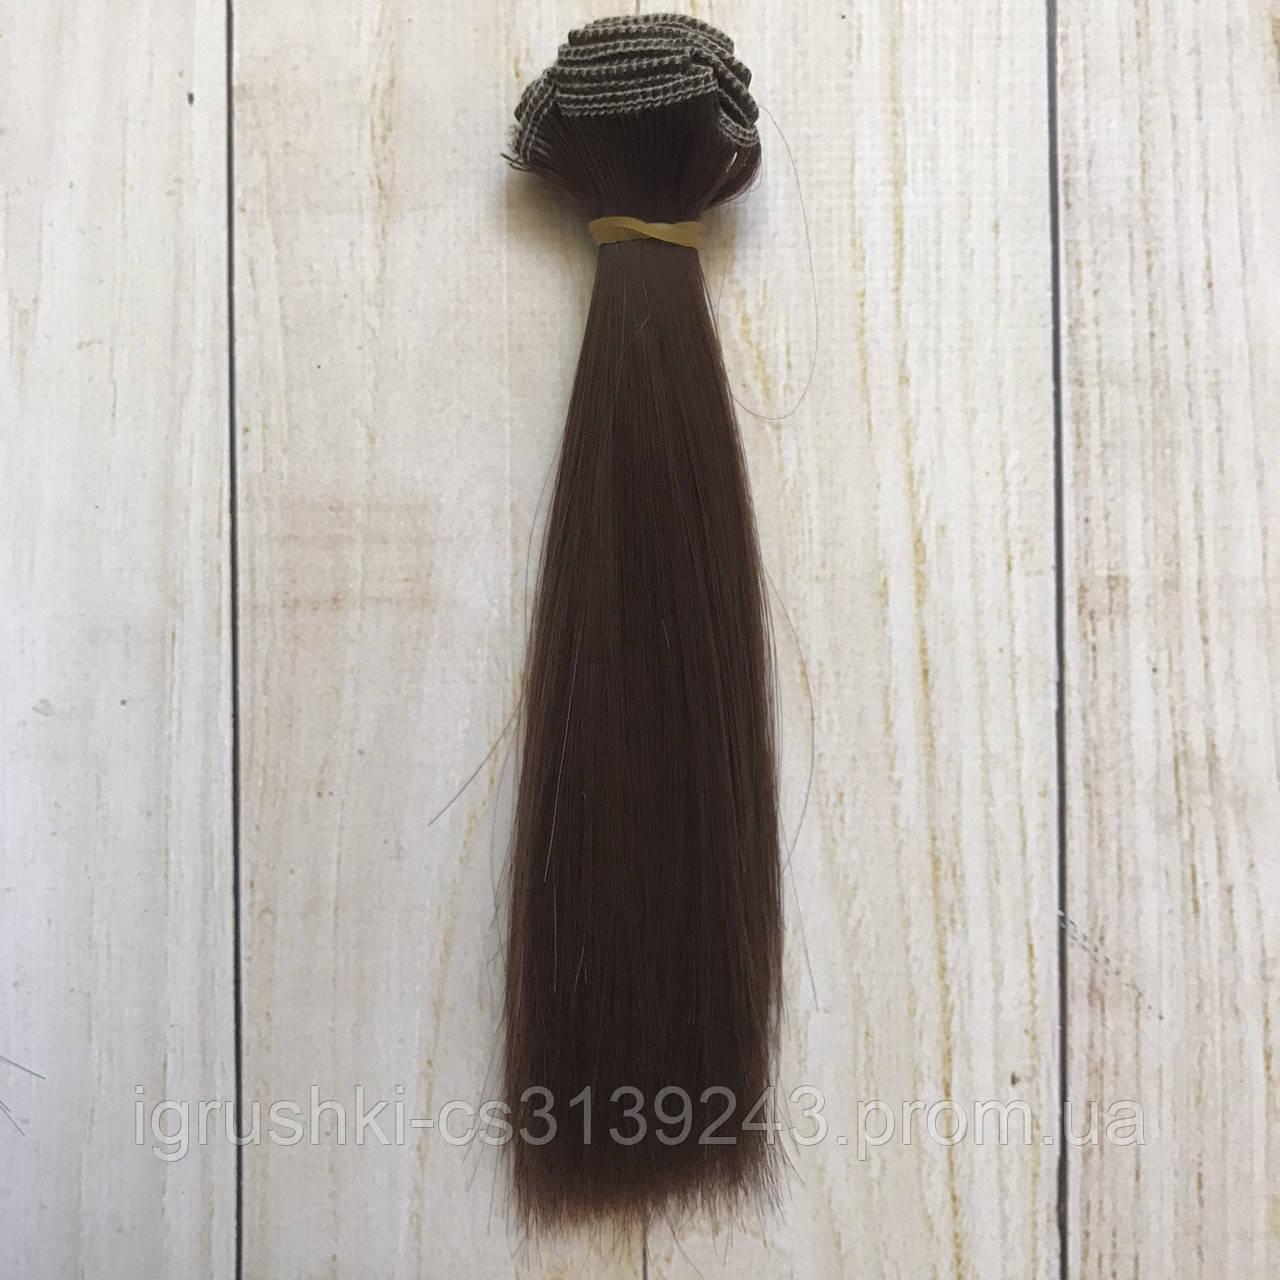 Волосся для ляльок (тресс) 15 * 100 см Колір 14